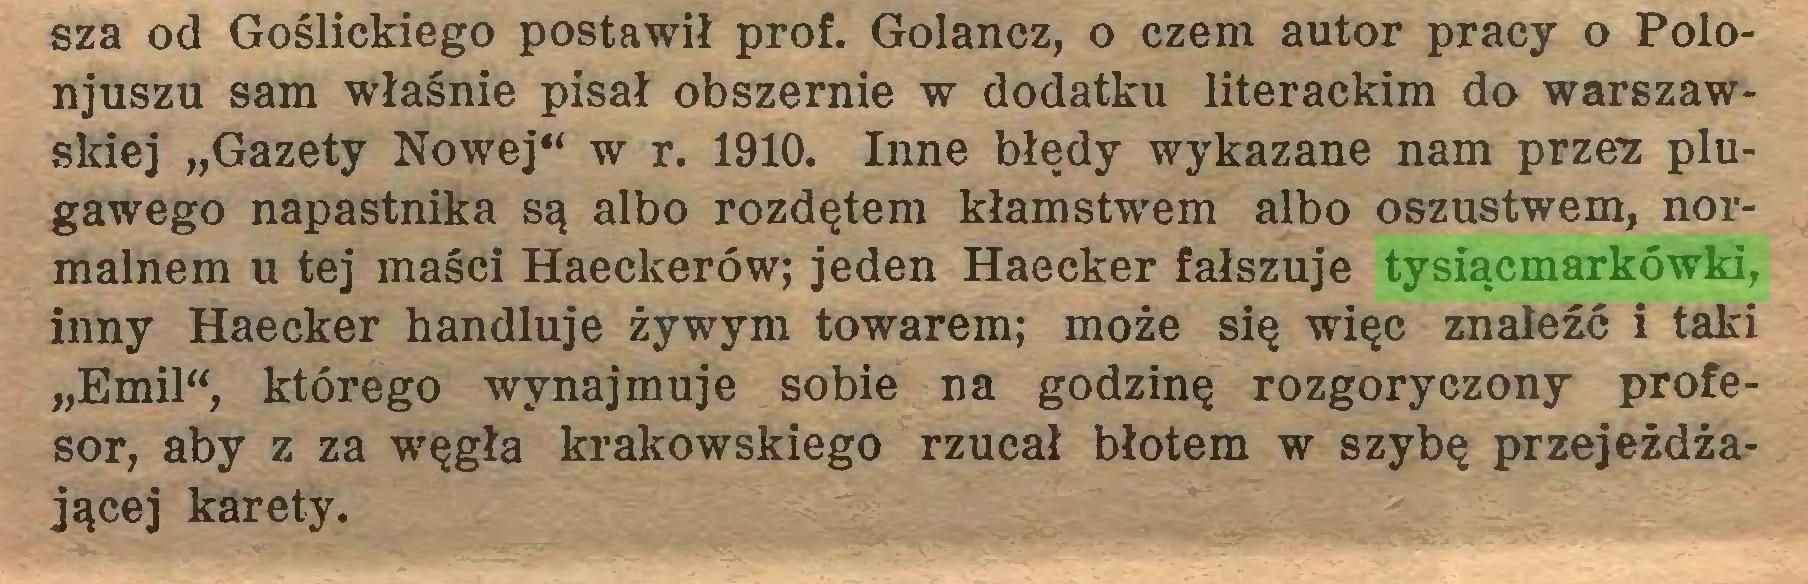 """(...) sza od Goślickiego postawił prof. Gołańcz, o czem autor pracy o Polonjuszu sam właśnie pisał obszernie w dodatku literackim do warszawskiej """"Gazety Nowej"""" w r. 1910. Inne błędy wykazane nam przez plugawego napastnika są albo rozdętem kłamstwem albo oszustwem, normalnem u tej maści Haeckerów; jeden Haecker fałszuje tysiącmarkówki, inny Haecker handluje żywym towarem; może się więc znaleźć i taki """"Emil"""", którego wynajmuje sobie na godzinę rozgoryczony profesor, aby z za węgła krakowskiego rzucał błotem w szybę przejeżdżającej karety..."""